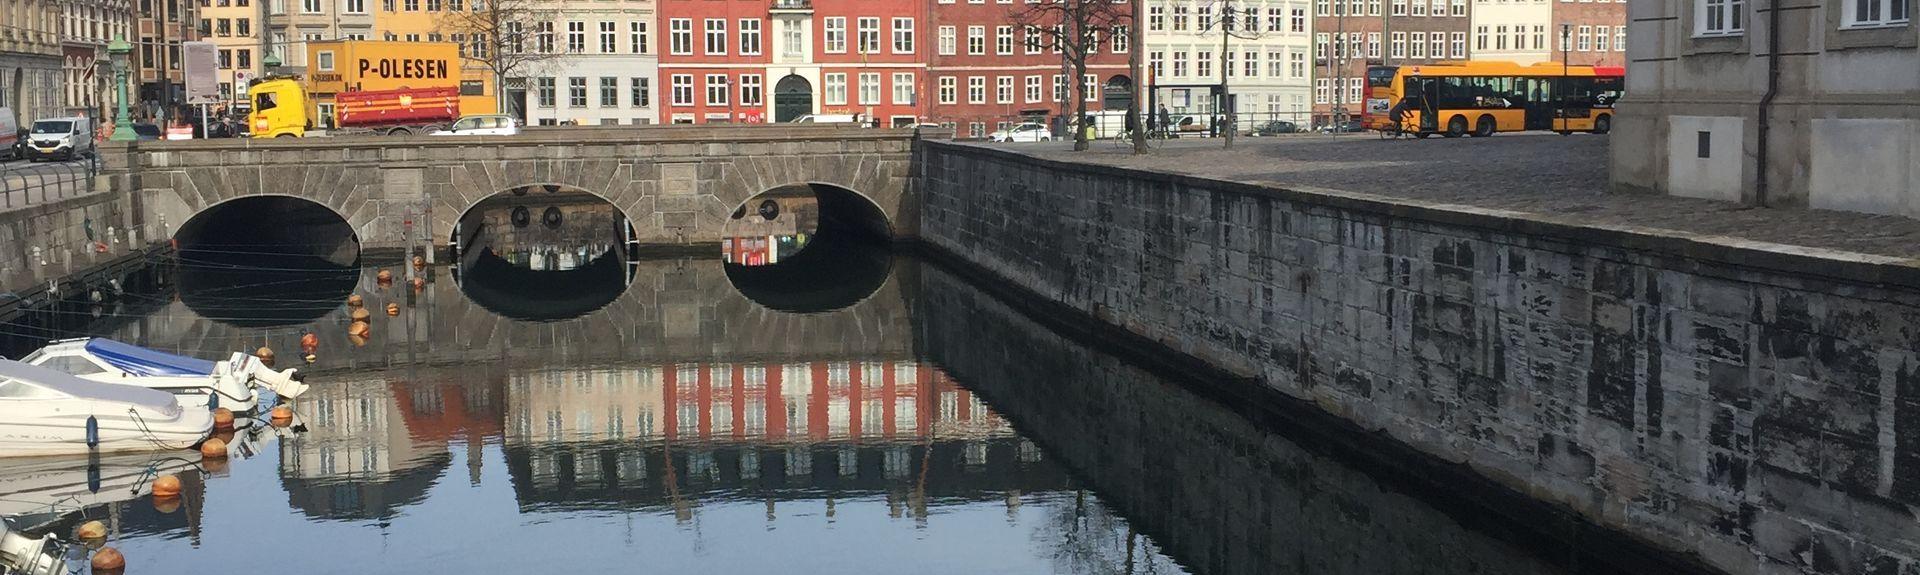 Glostrup, Hoofdstad, Denemarken